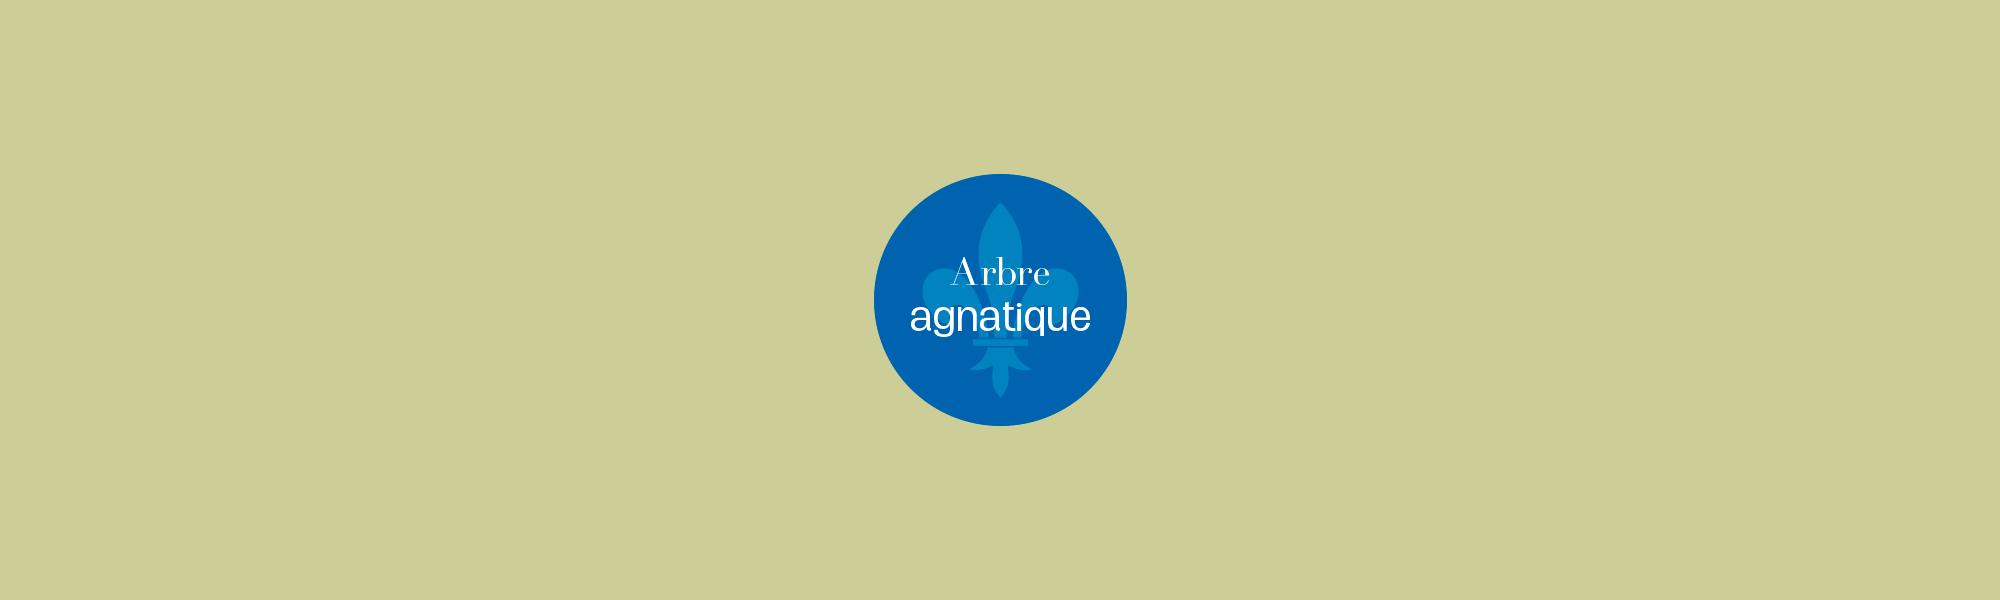 bannière imprimer arbre généalogique - Généagraphe - arbre agnatique